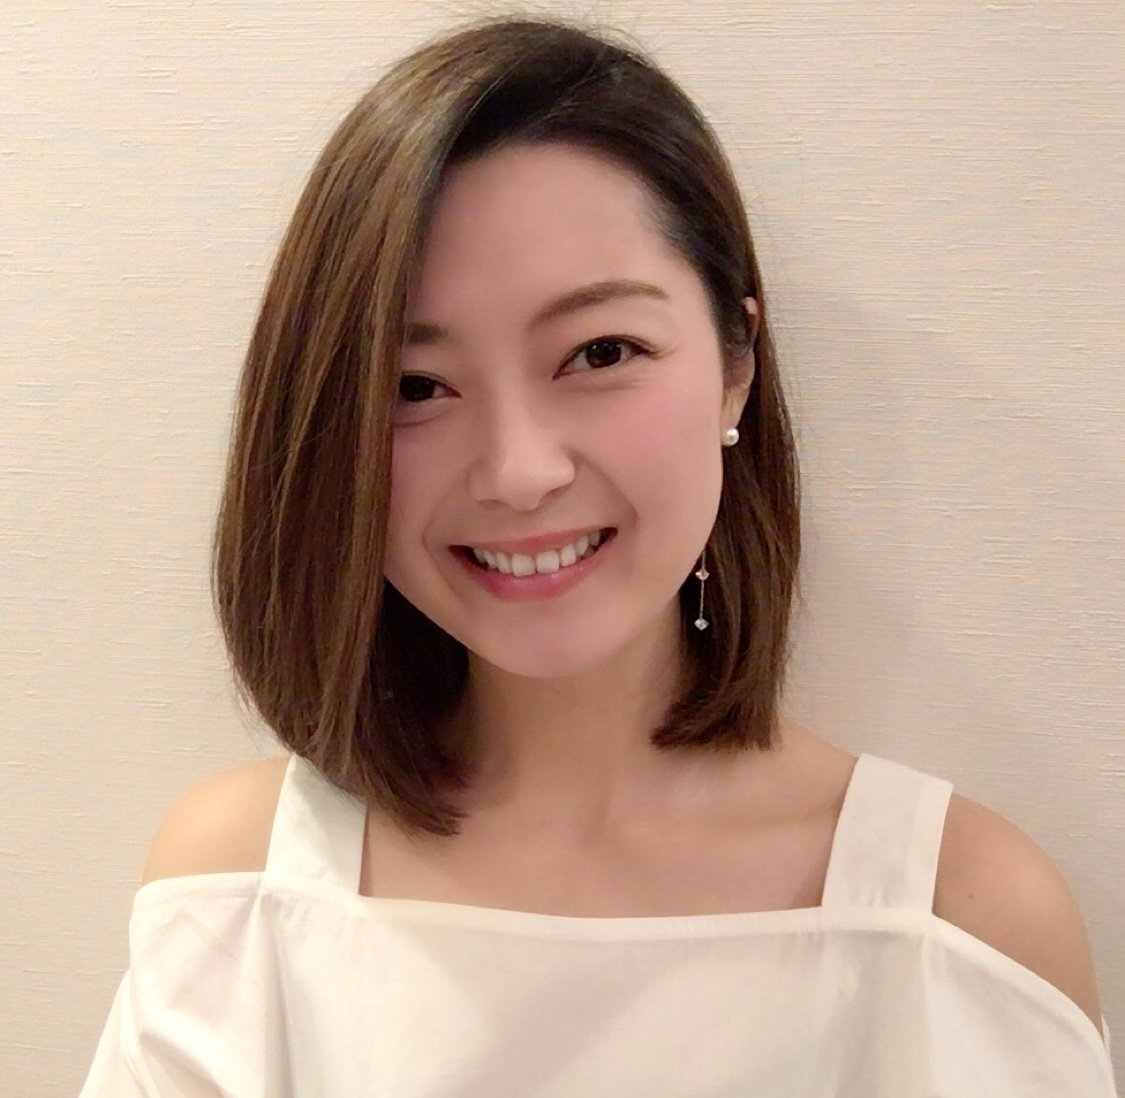 山下莉奈 ツイッター(Twitter)アカウント - ツイナビ